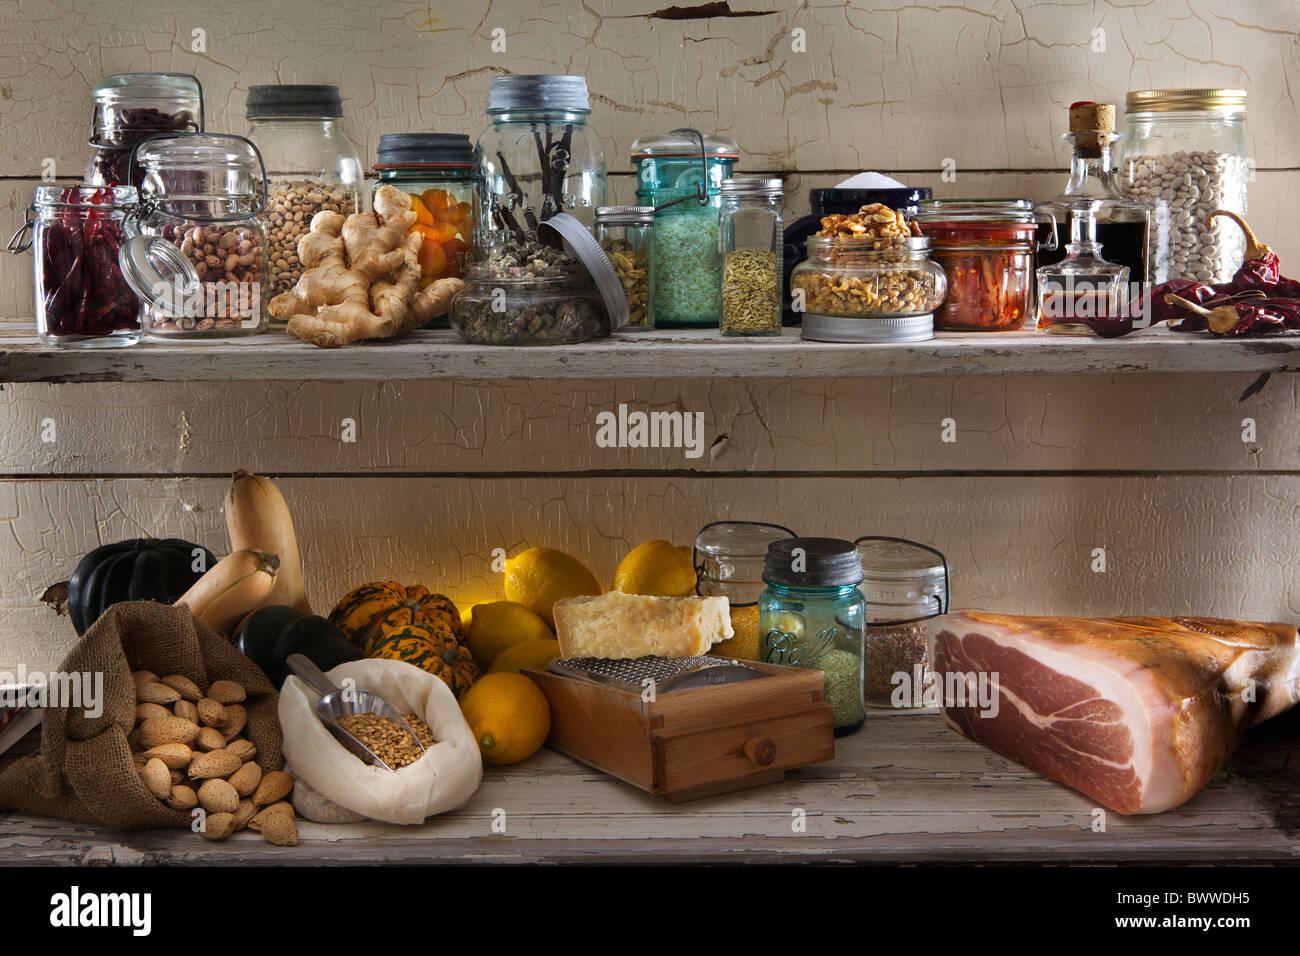 Eine Auswahl an Speisen der Speisekammer in verschiedenen Gläsern und Flaschen auf lackierten rustikale Holz Stockbild